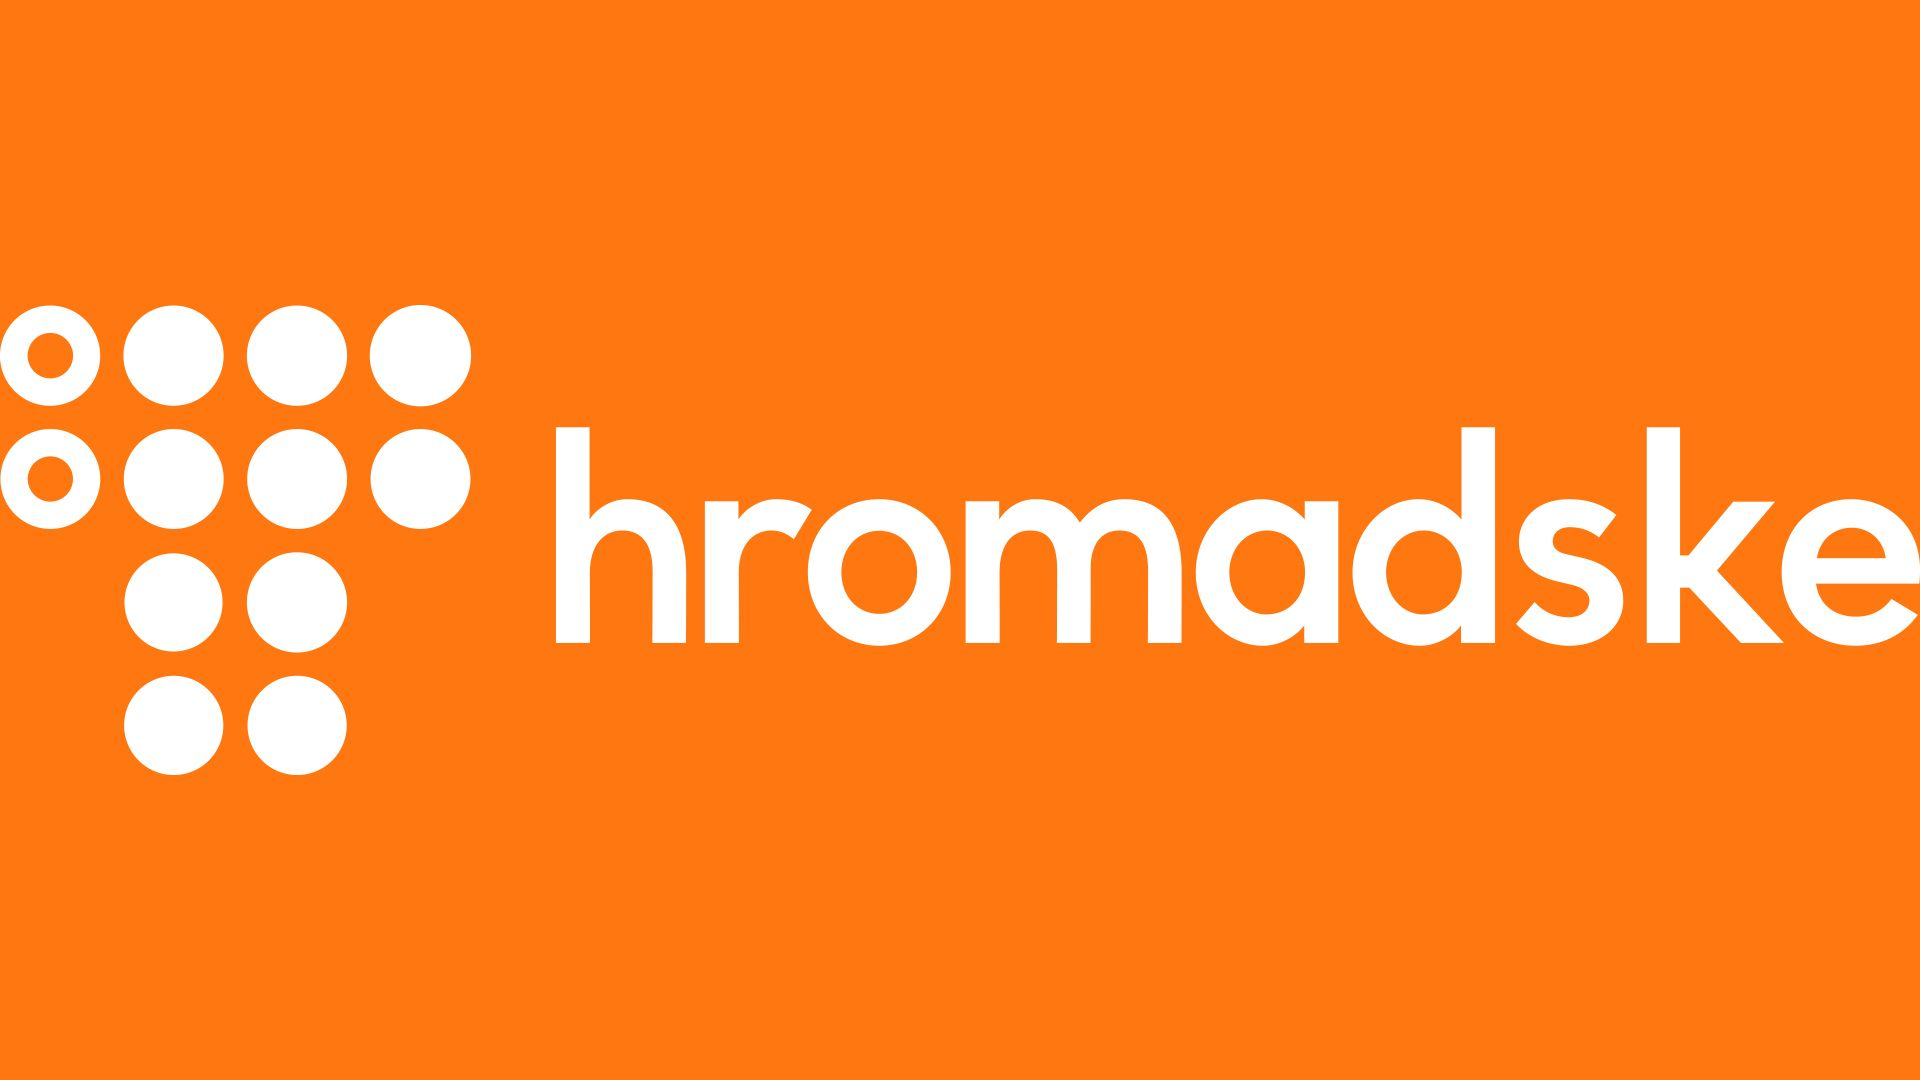 hromadske відмовилося від телевізійної ліцензії та переходить у диджитал